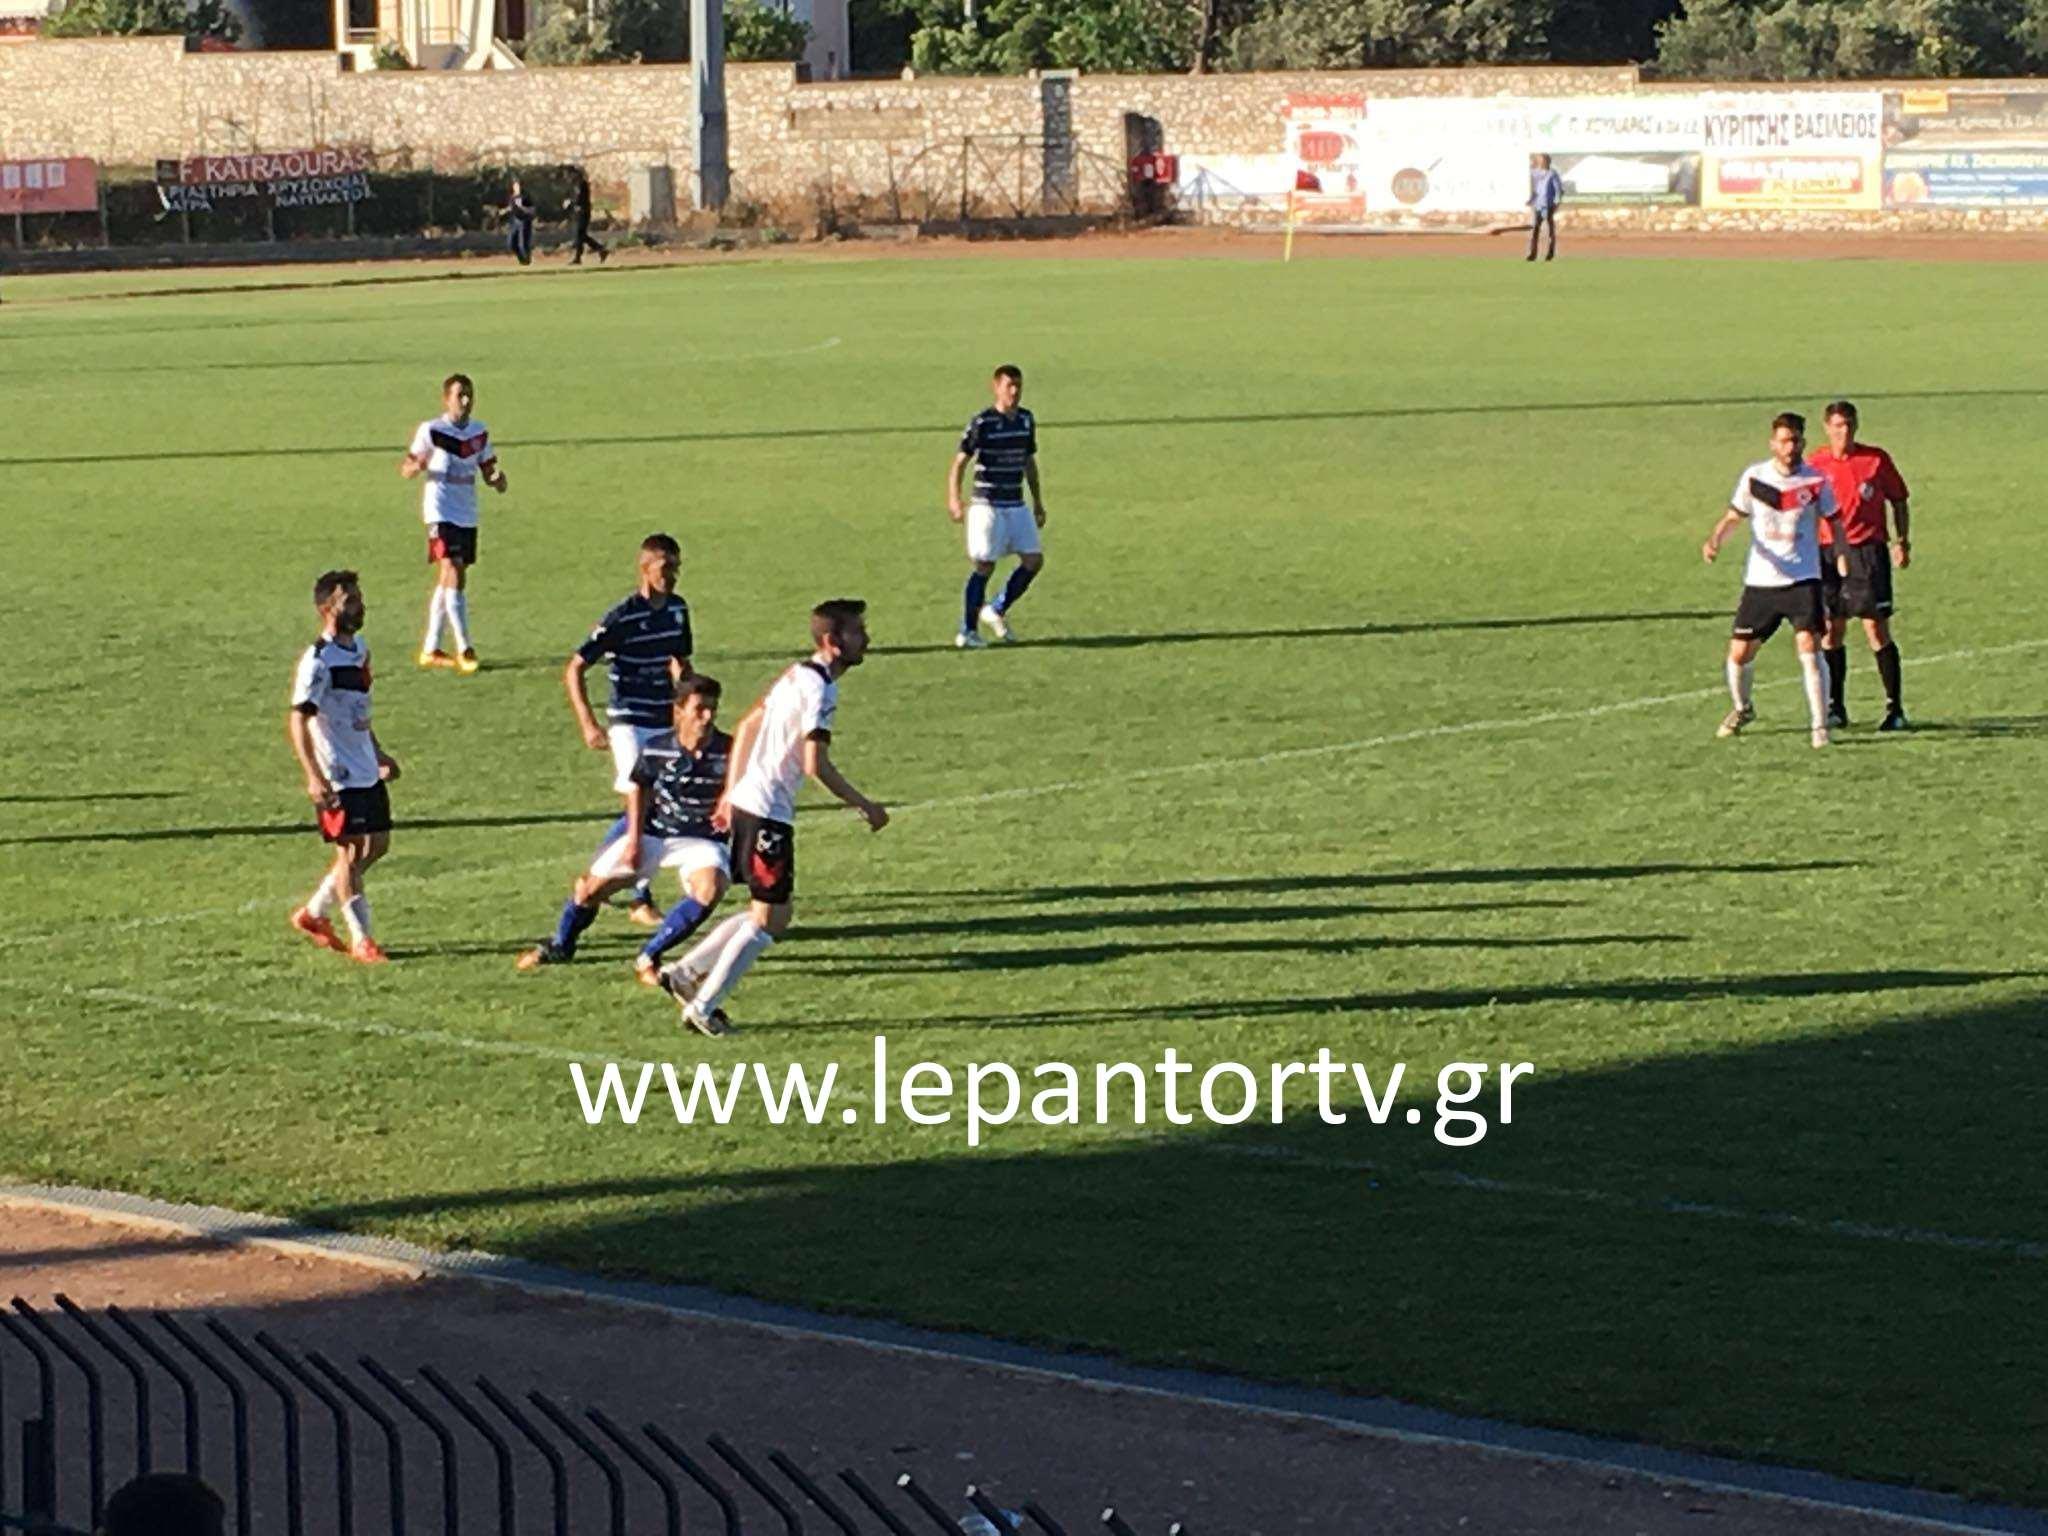 Ναύπακτος: Νίκη για τον «Ναυπακτιακό» κόντρα στην ΑΕΜ με 1-0